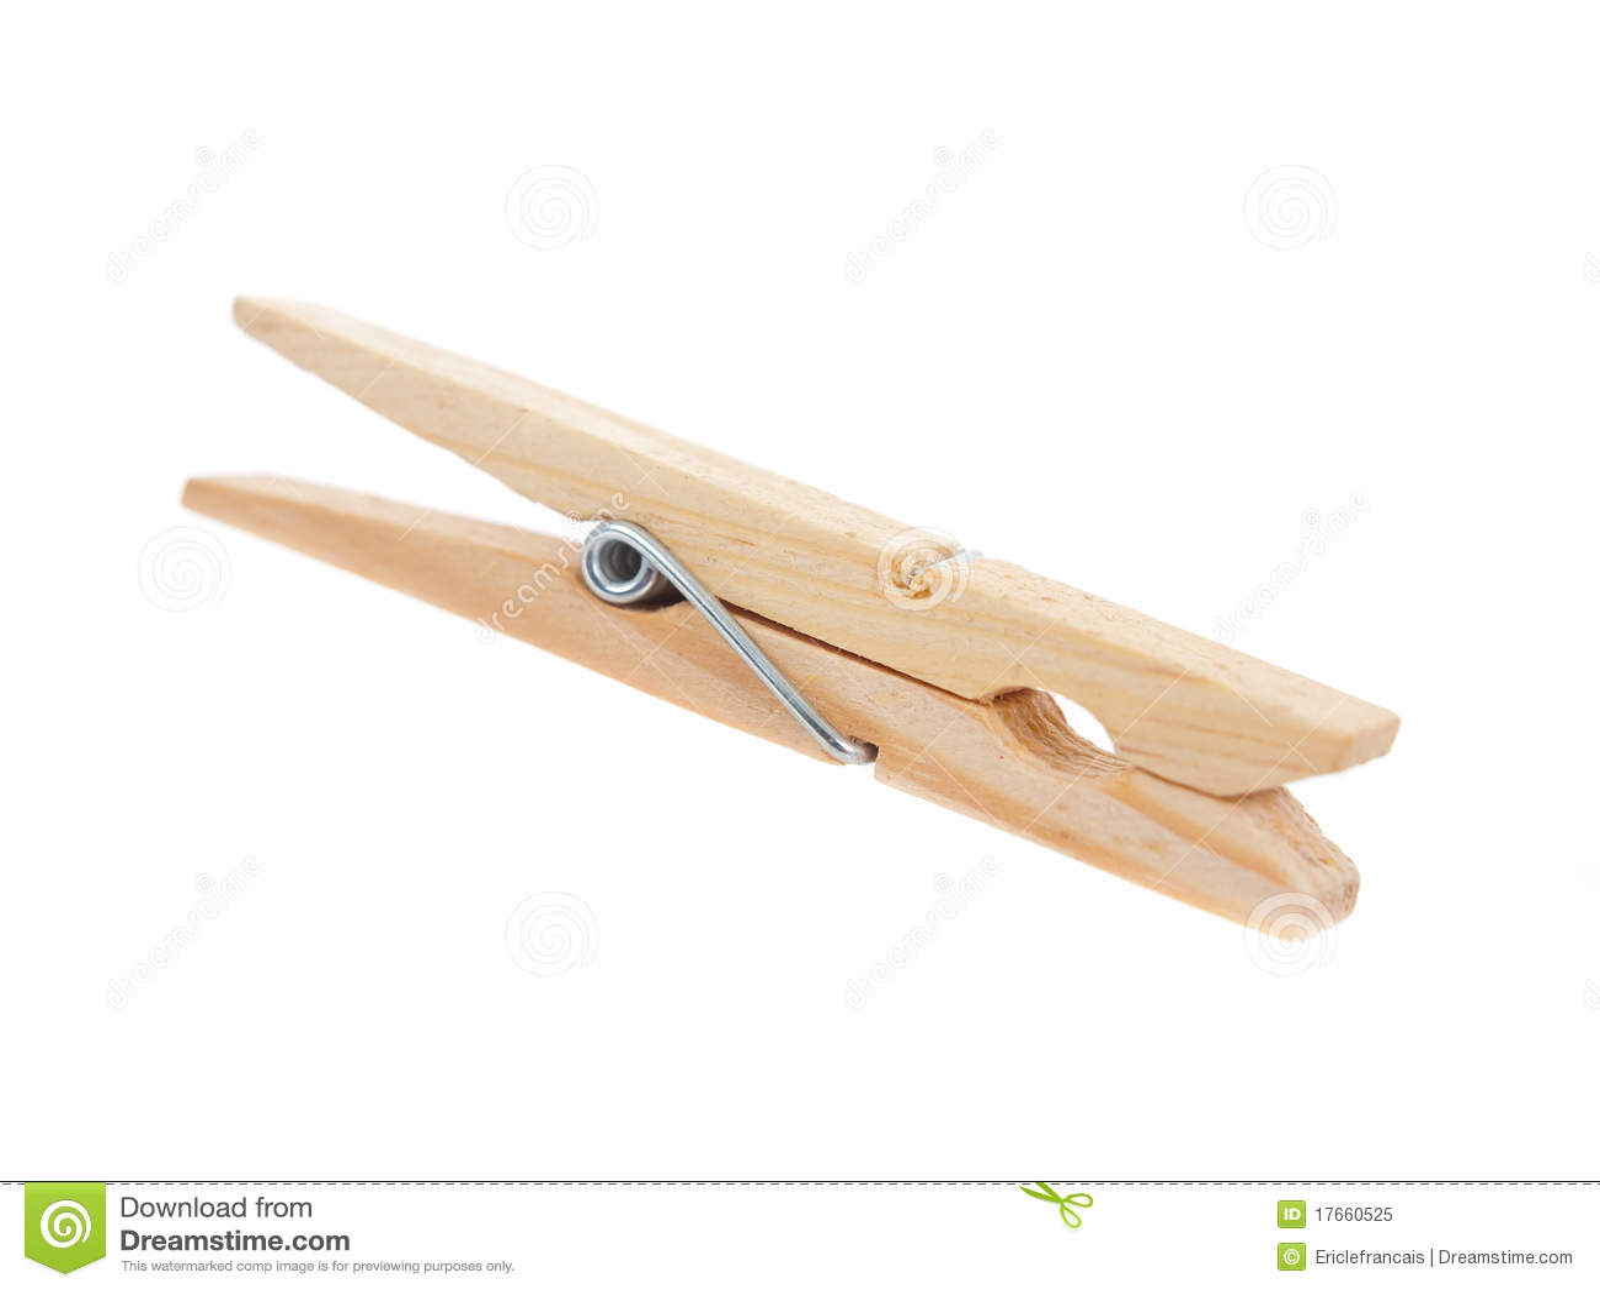 pince 224 linge en bois photo libre de droits image 17660525